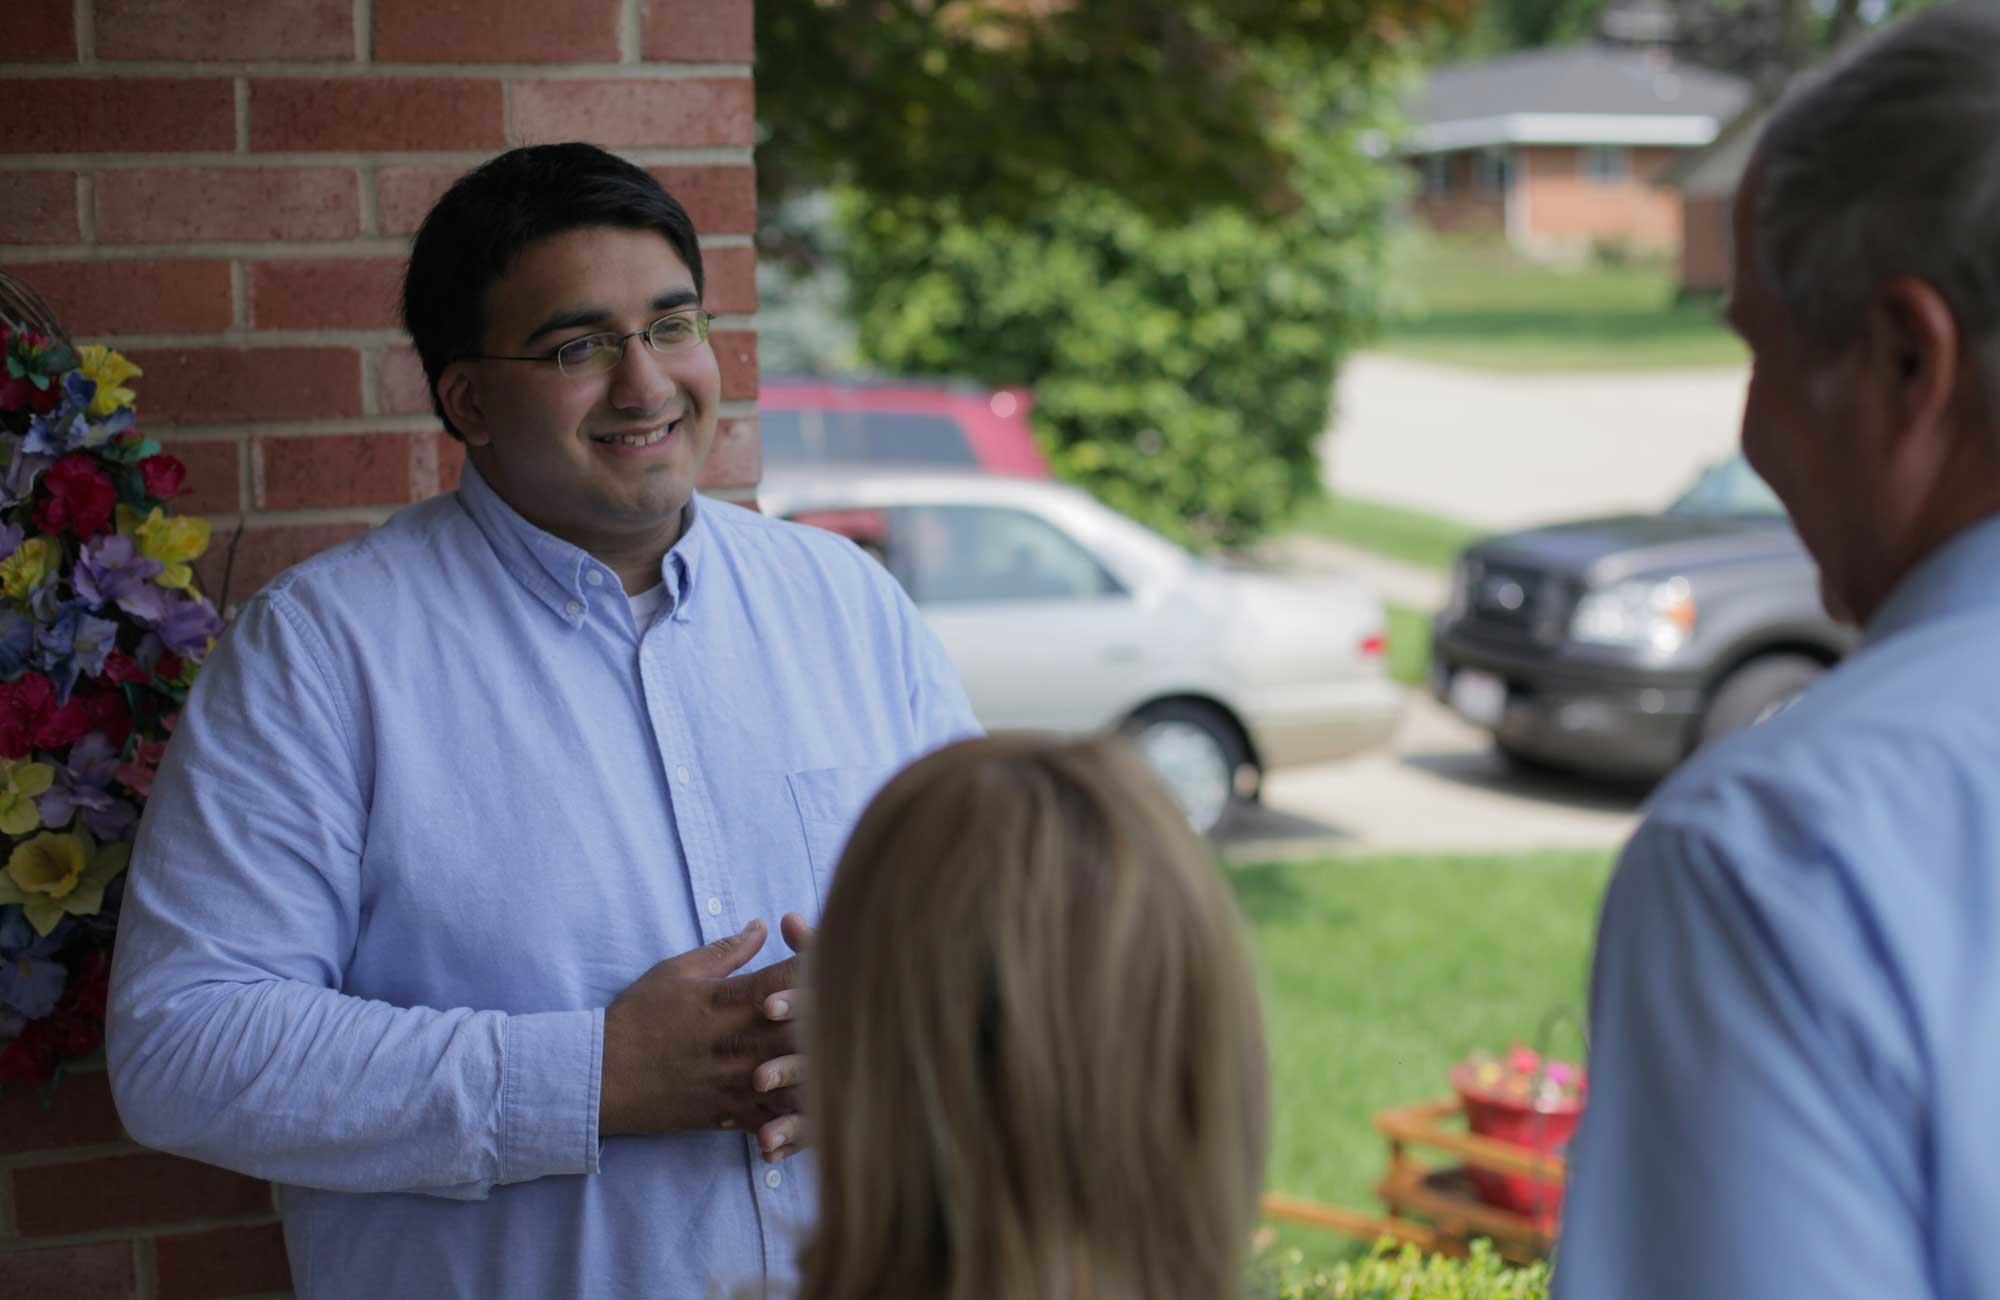 Ohio's Indian American state representative Niraj Antani wades into gun bill controversy